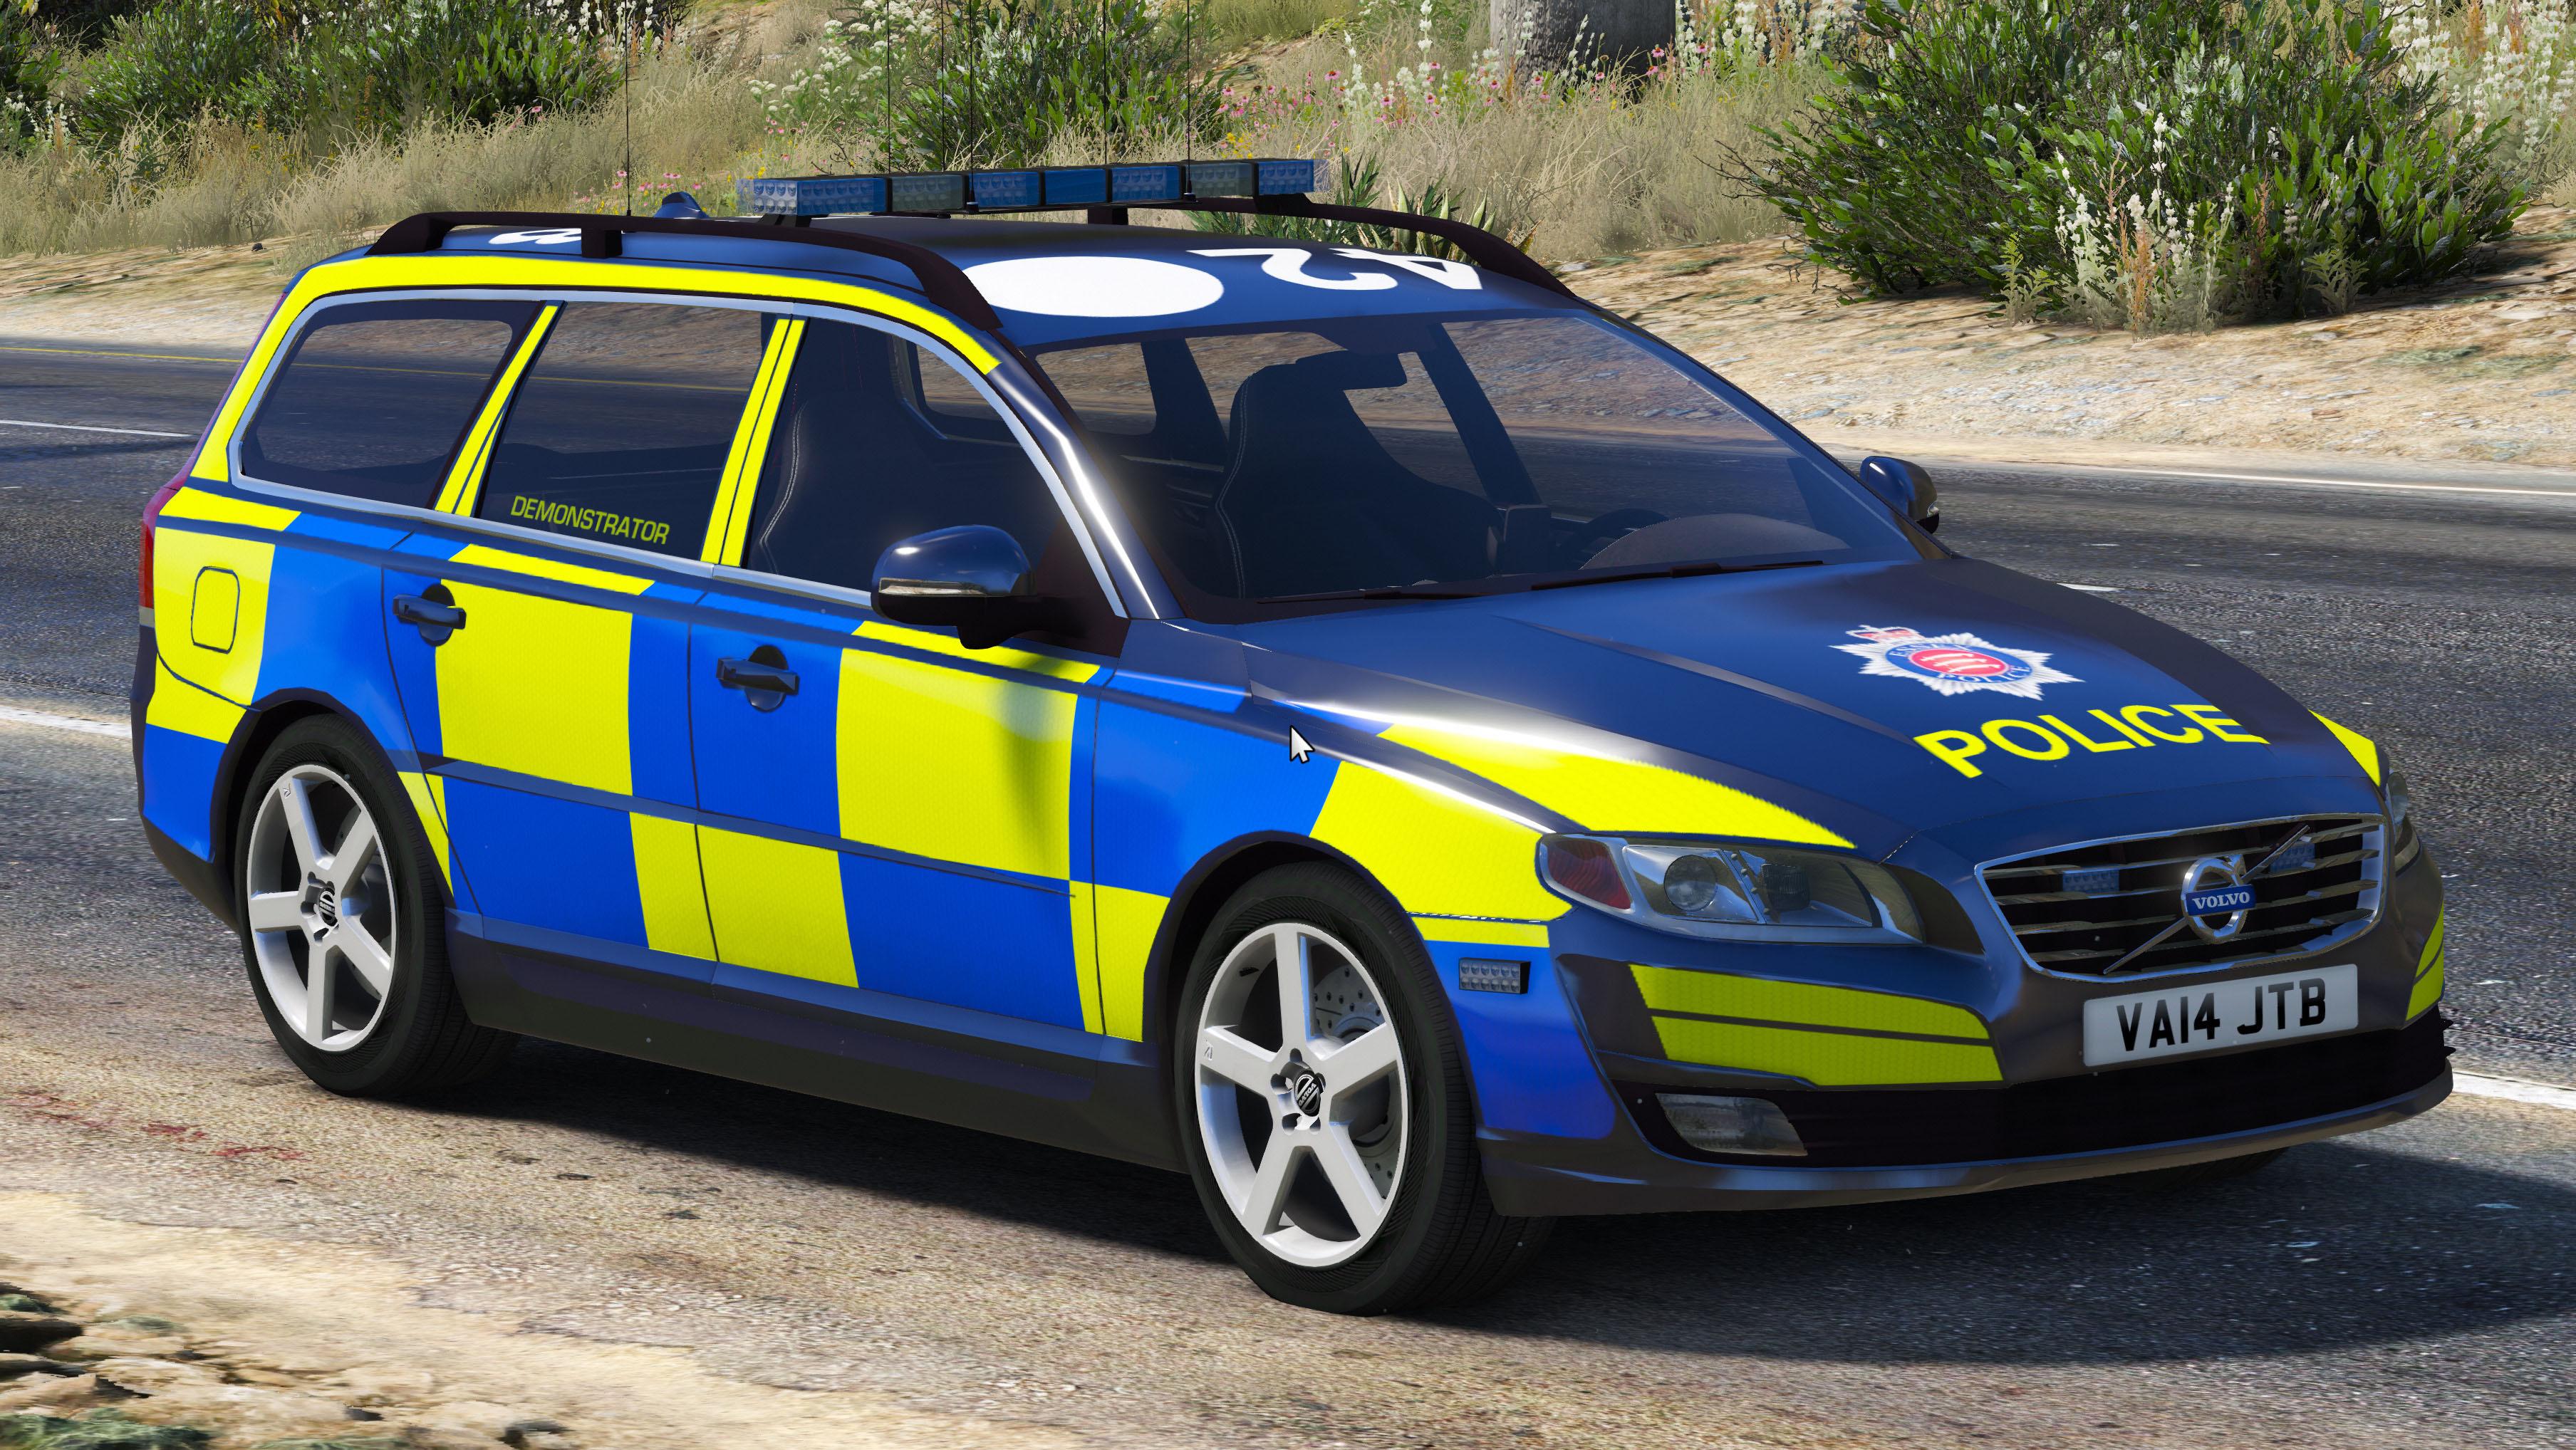 Essex Police Volvo V70 Gta5 Mods Com